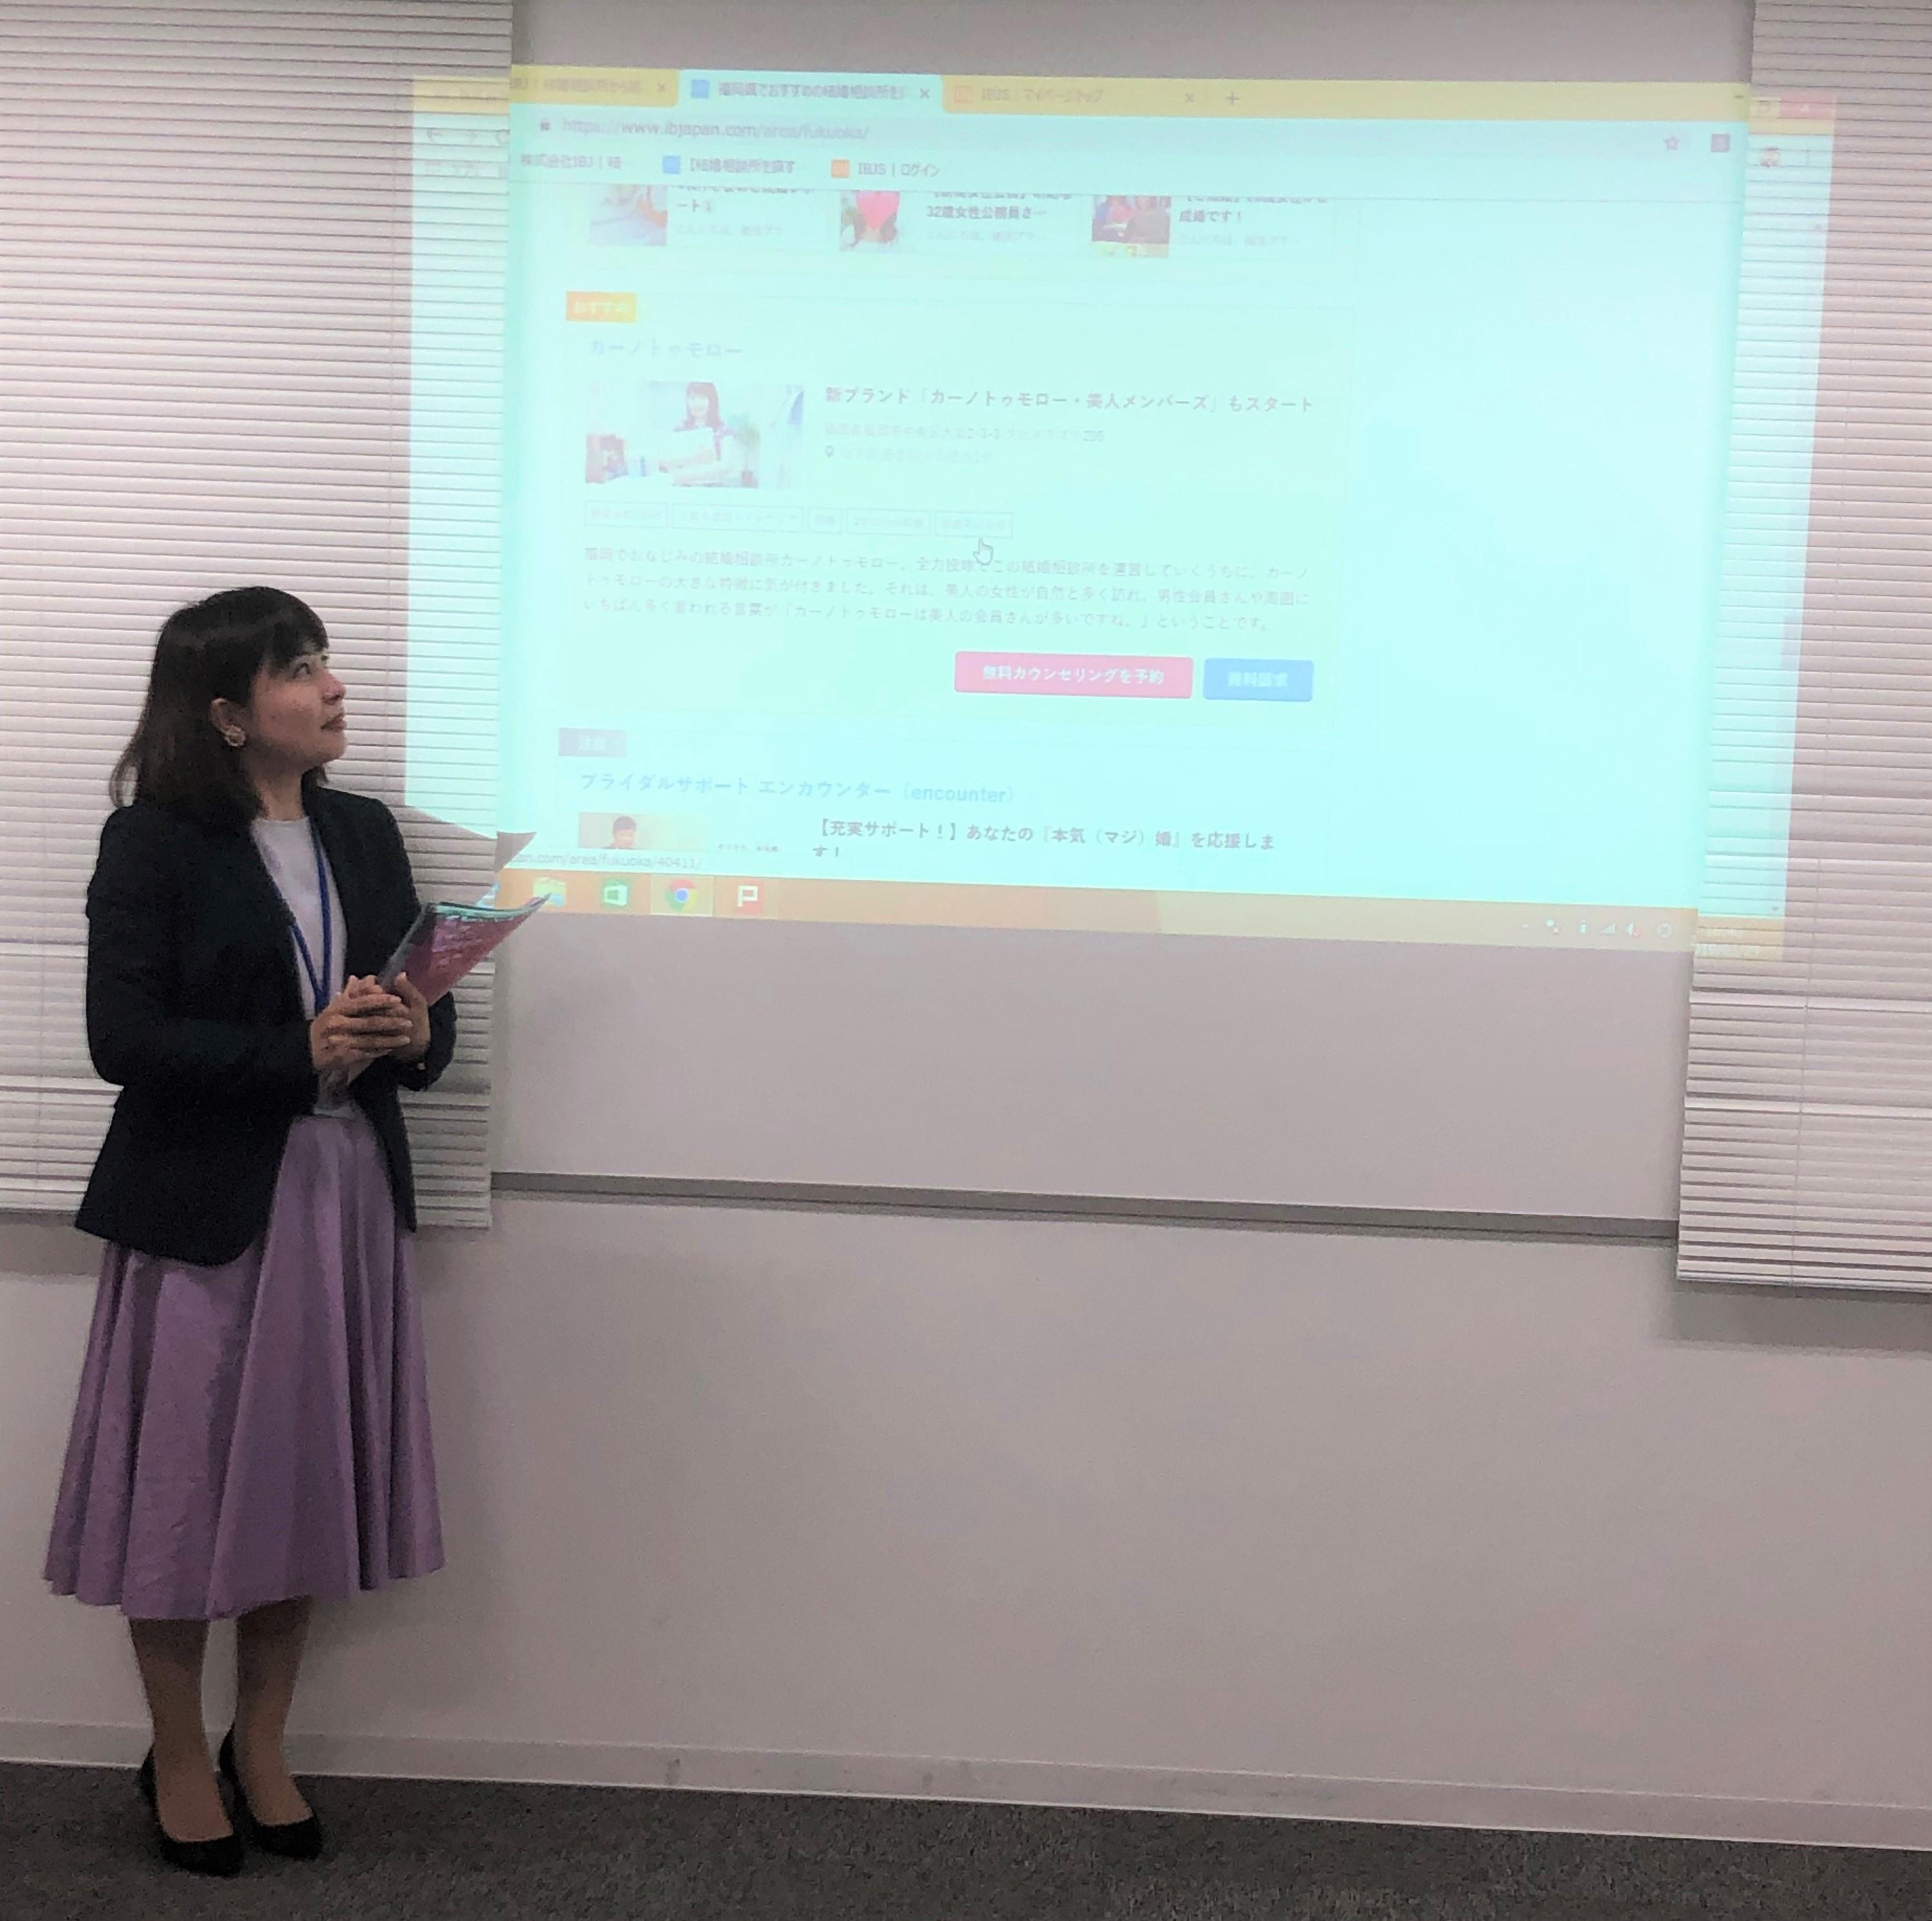 結婚相談所開業希望者の方へ☆2019年5月10日(金)IBJ開業検討者向けセミナー